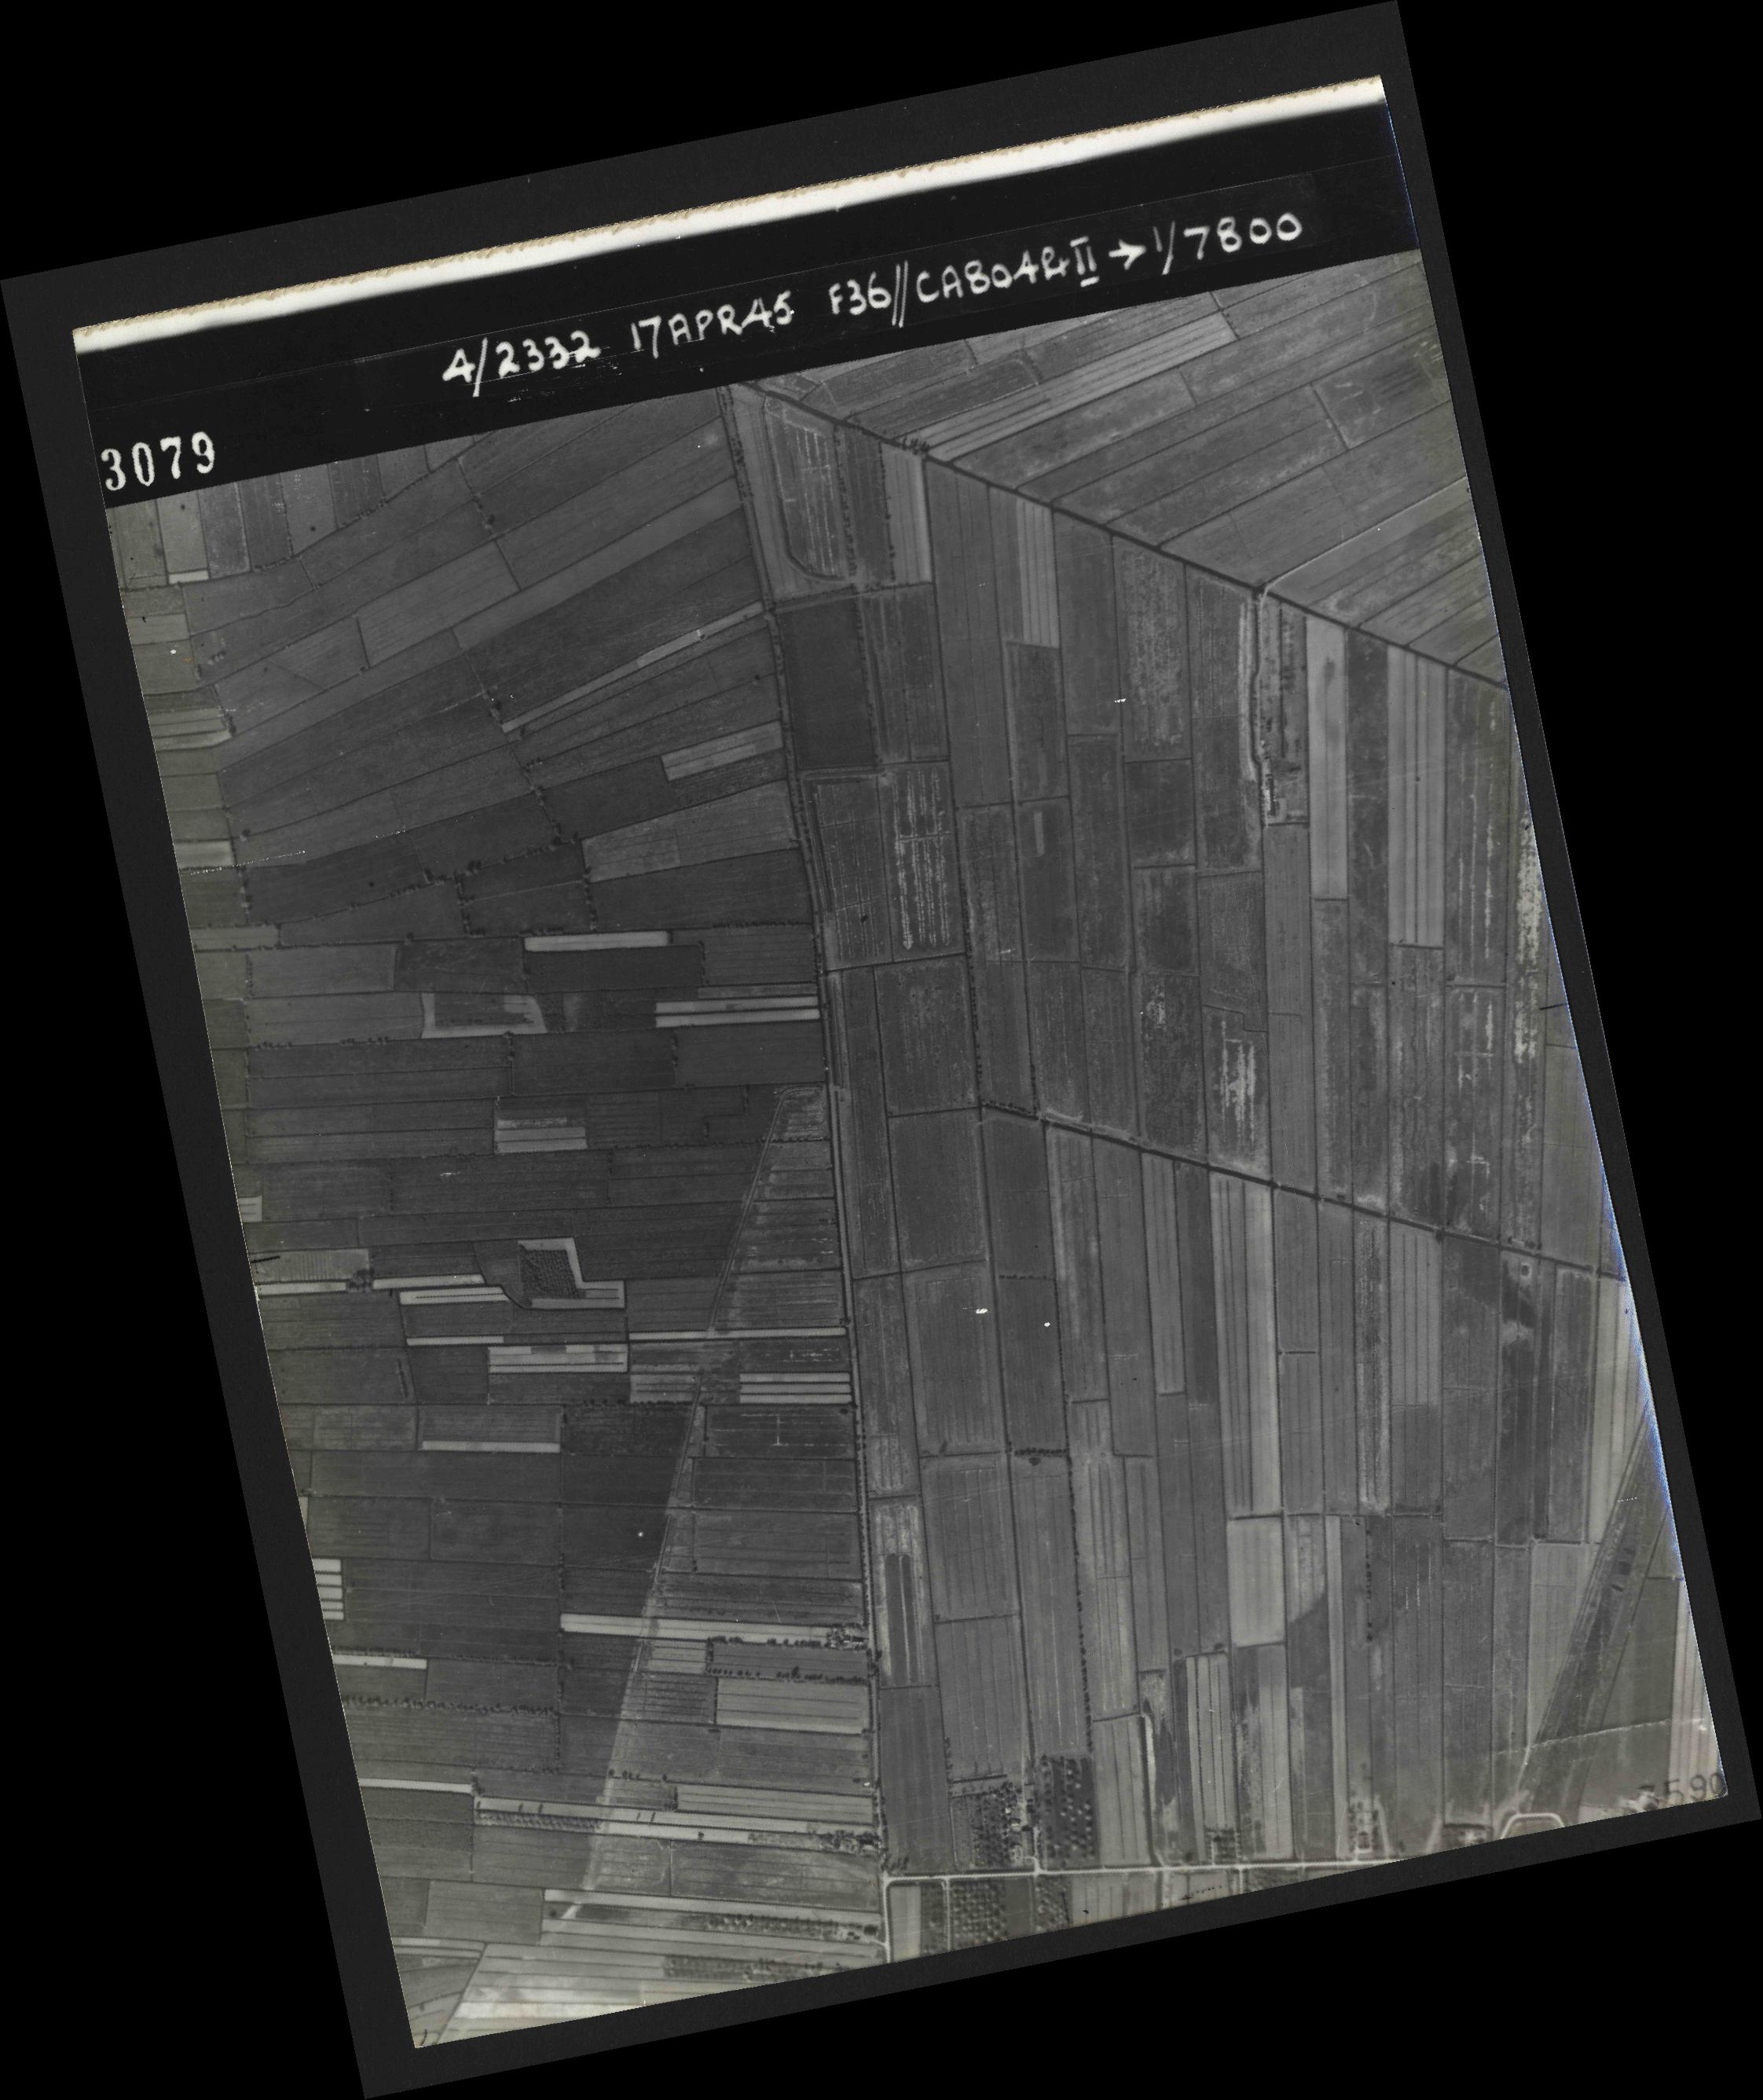 Collection RAF aerial photos 1940-1945 - flight 011, run 02, photo 3079